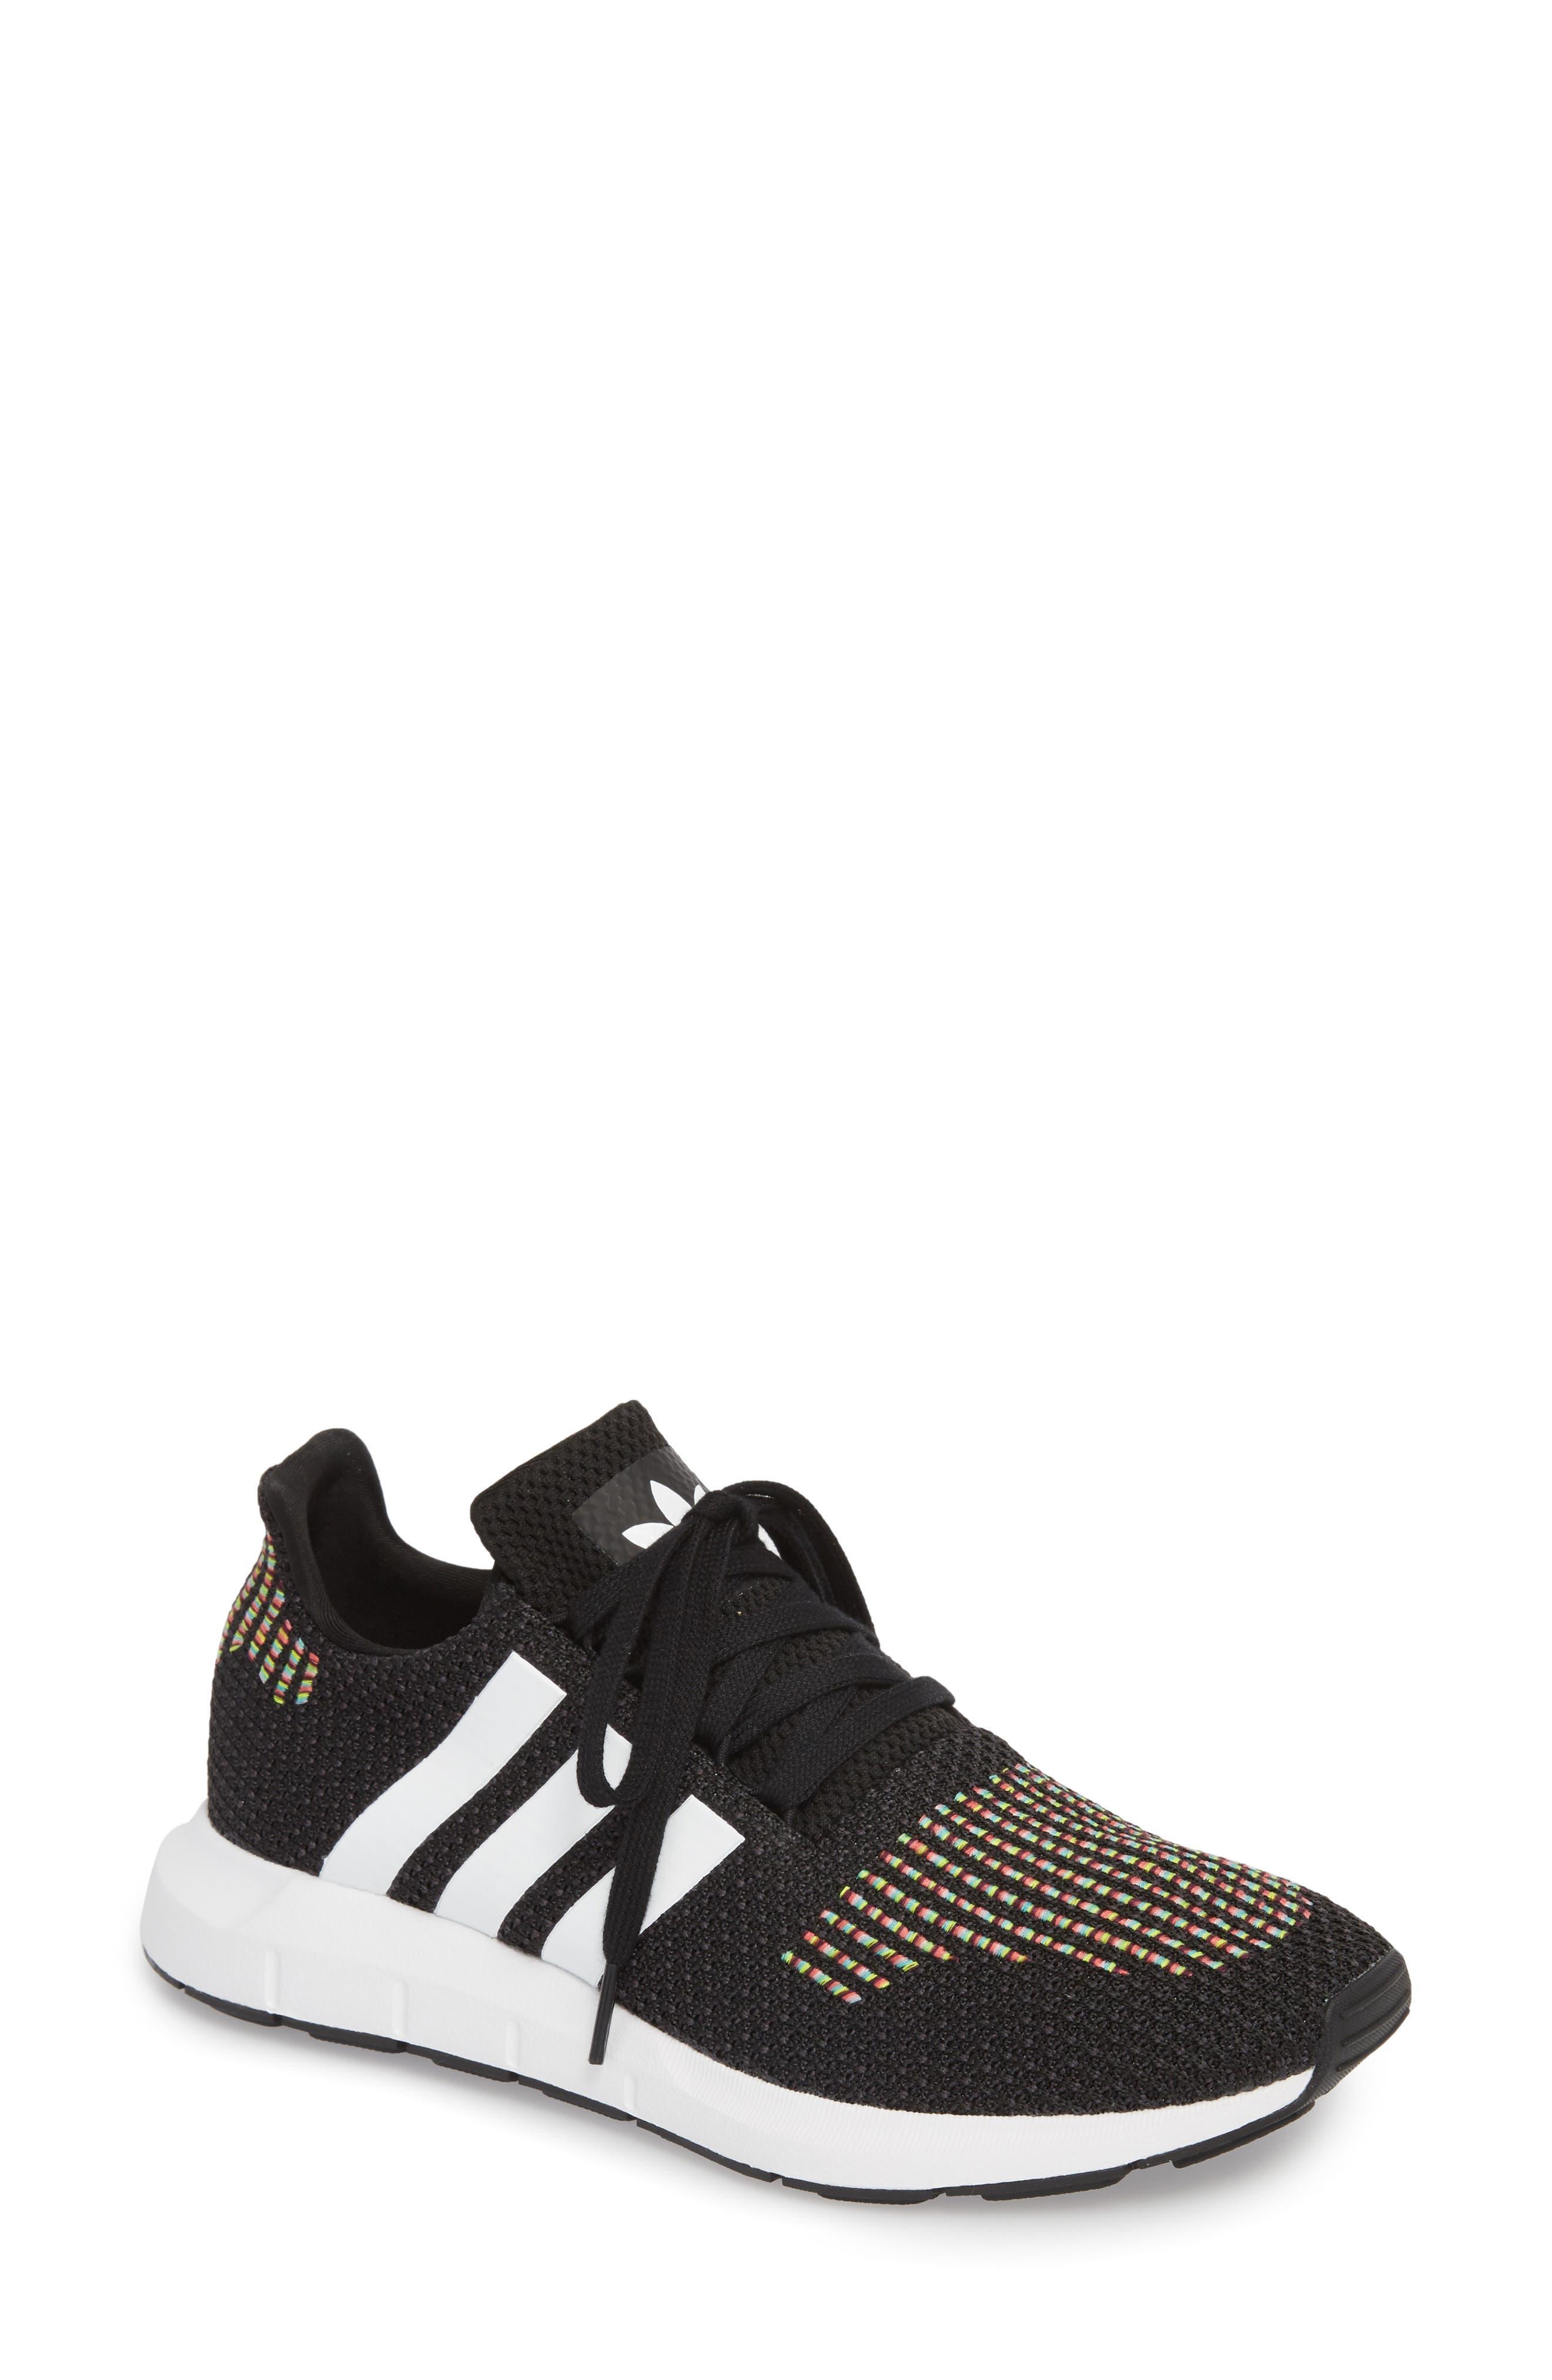 Swift Run Sneaker,                             Main thumbnail 1, color,                             Core Black/ White/ Core Black